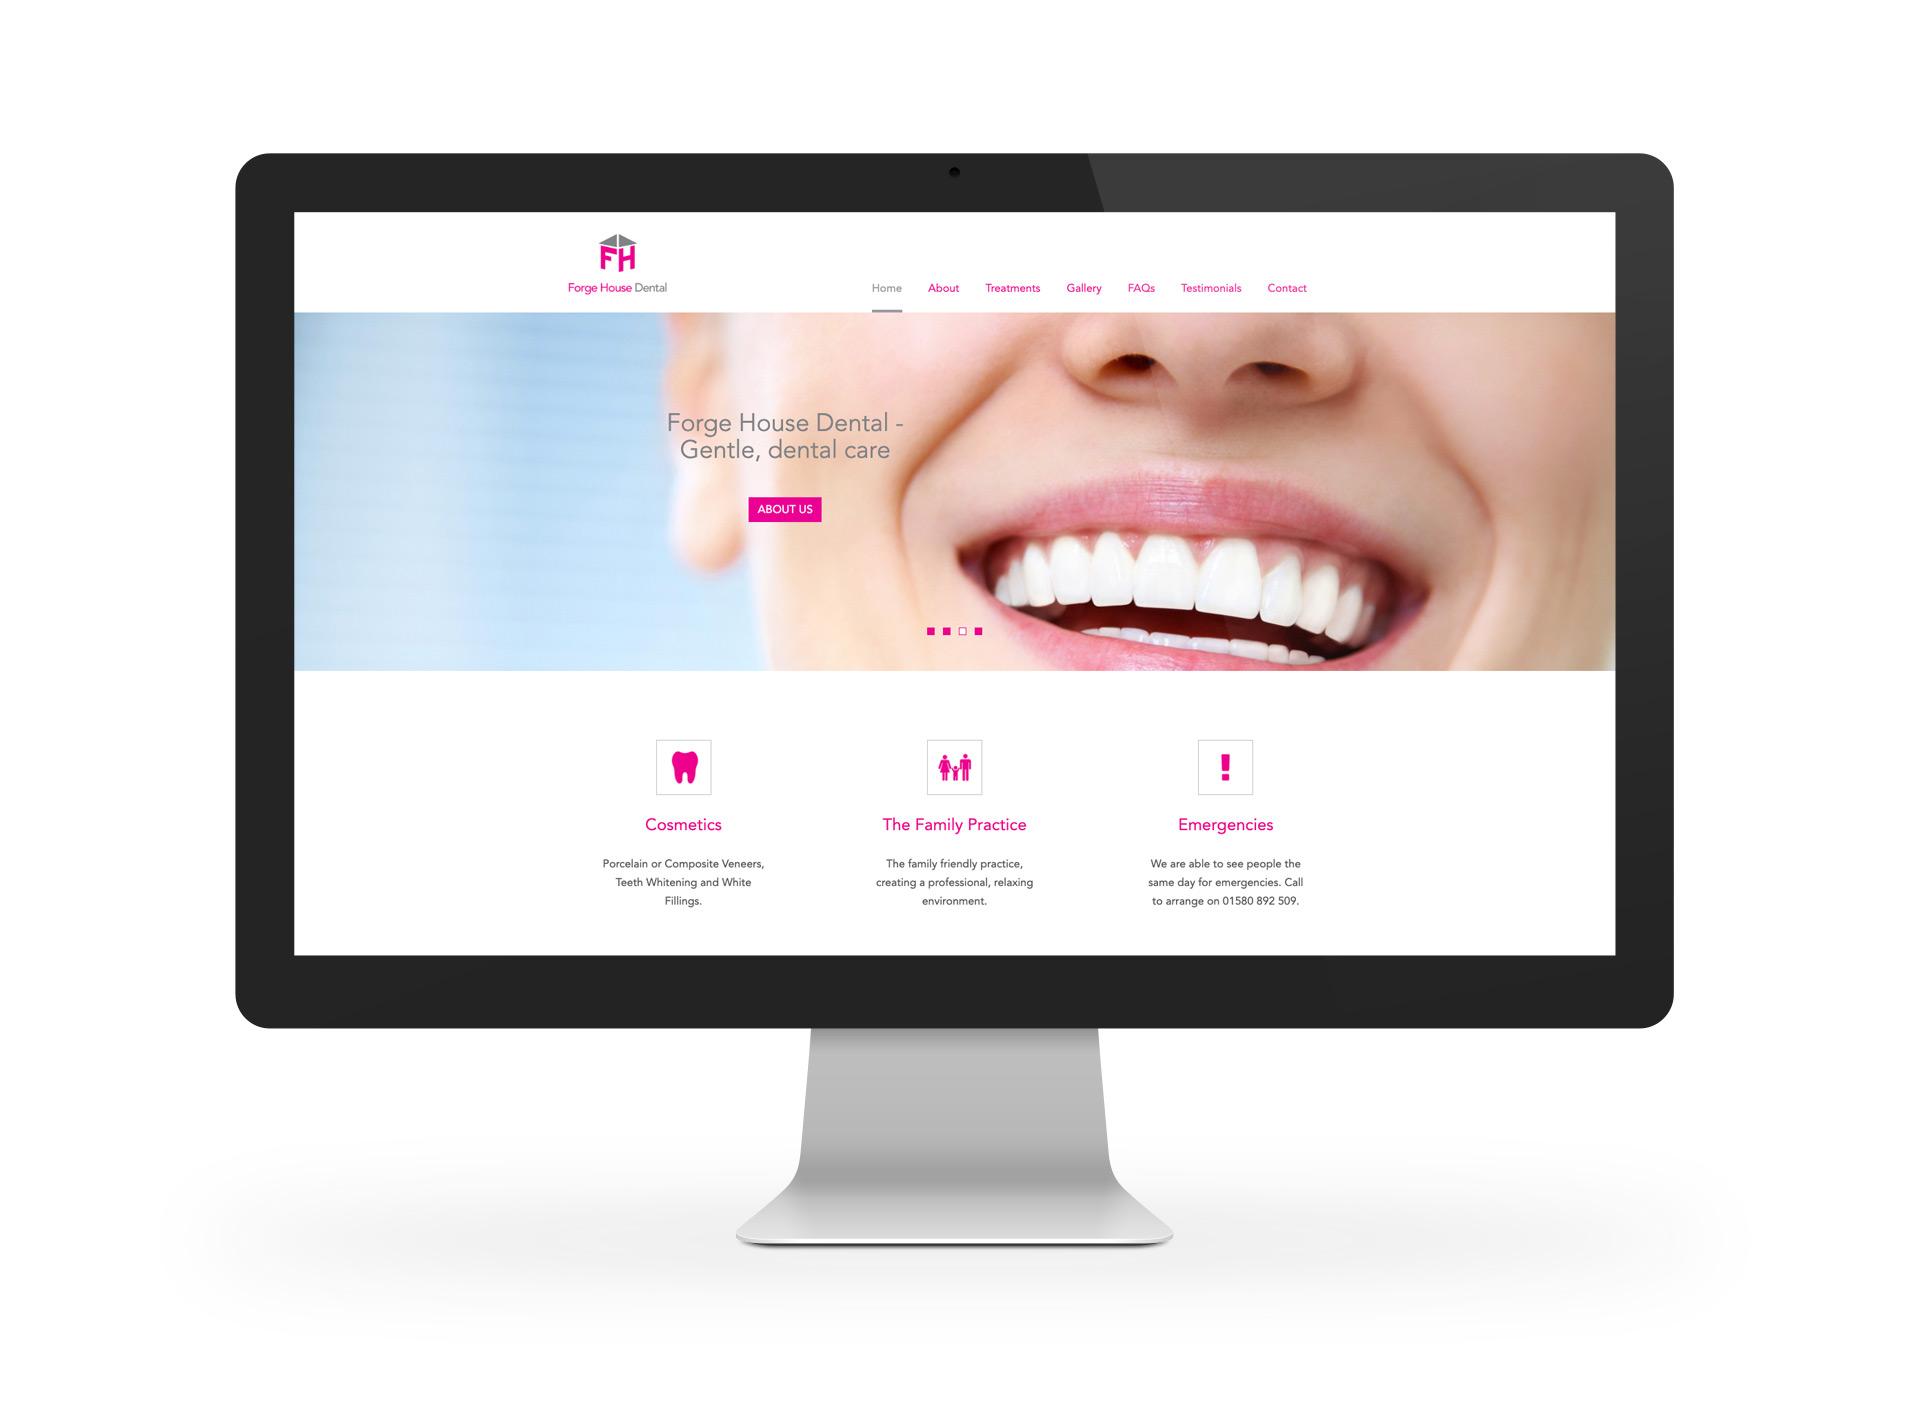 Forge House Dental Website